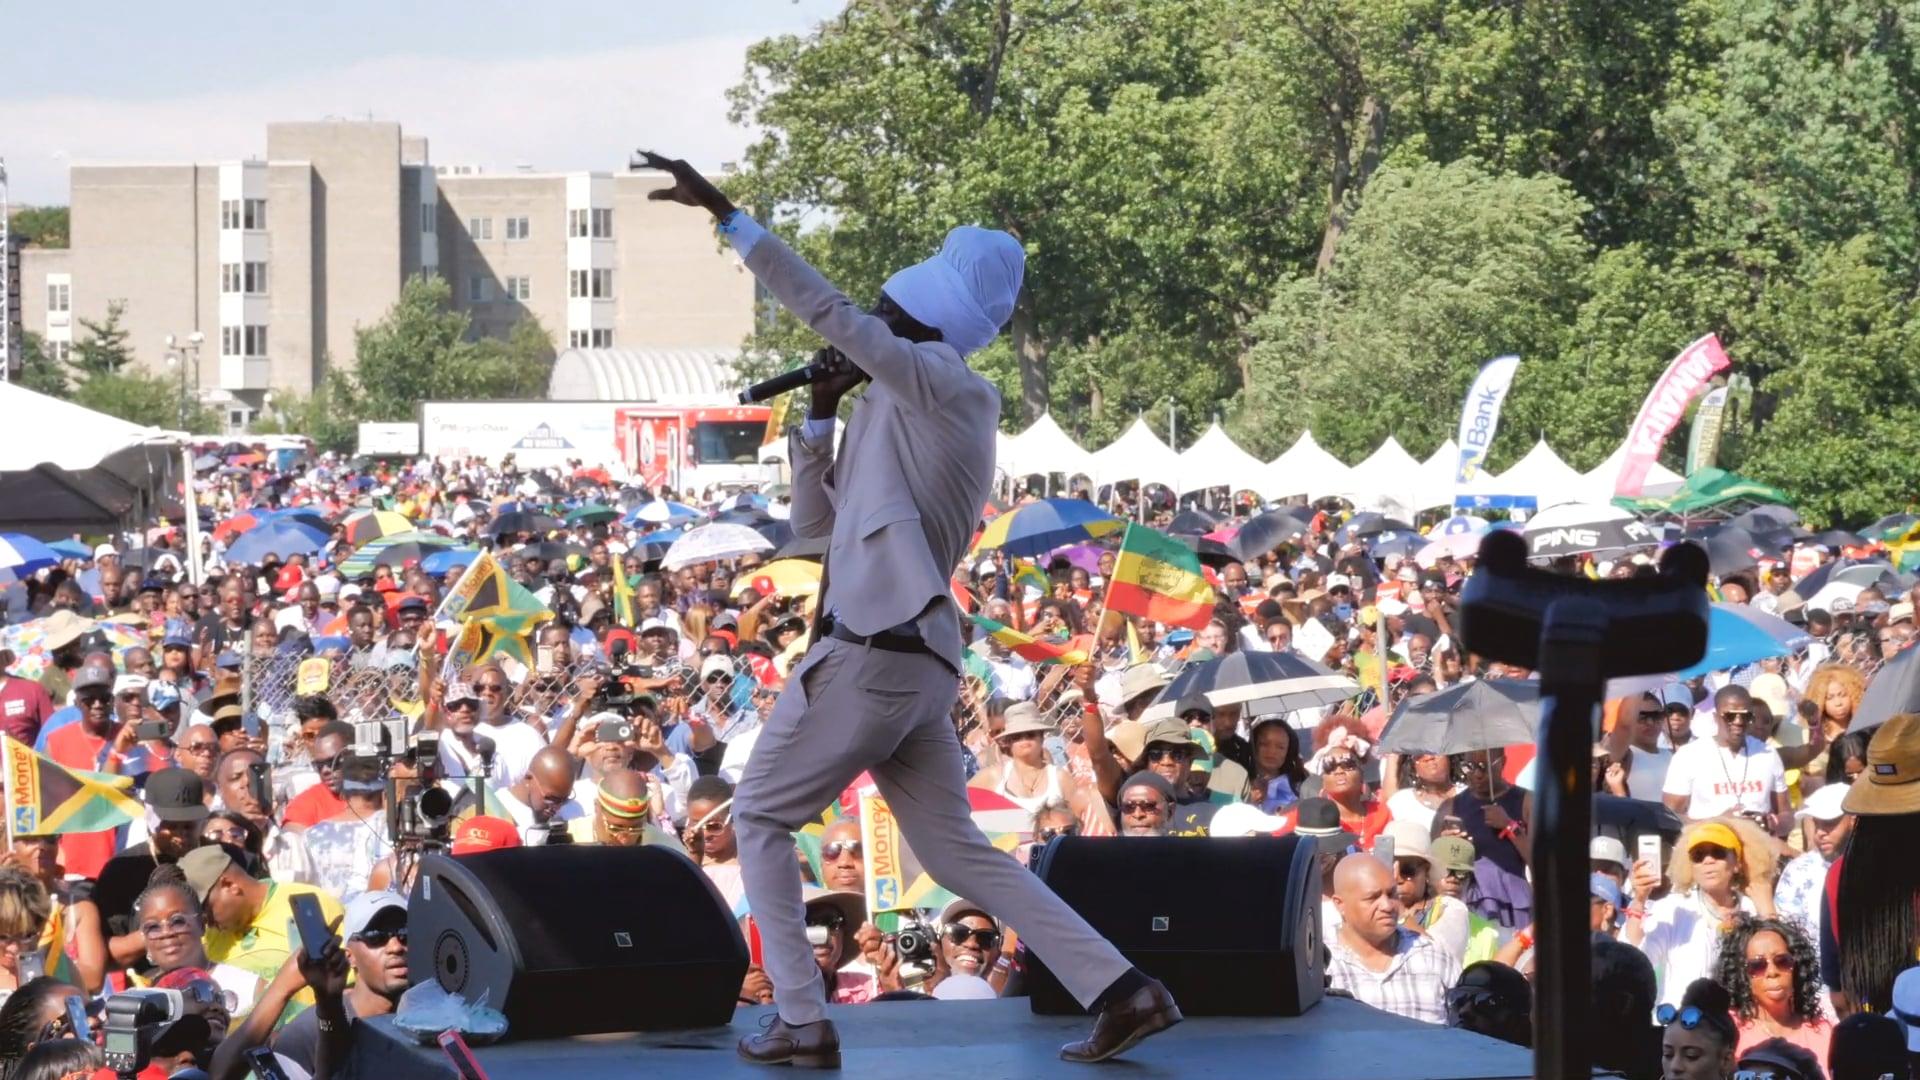 2019 Music Festival Highlight